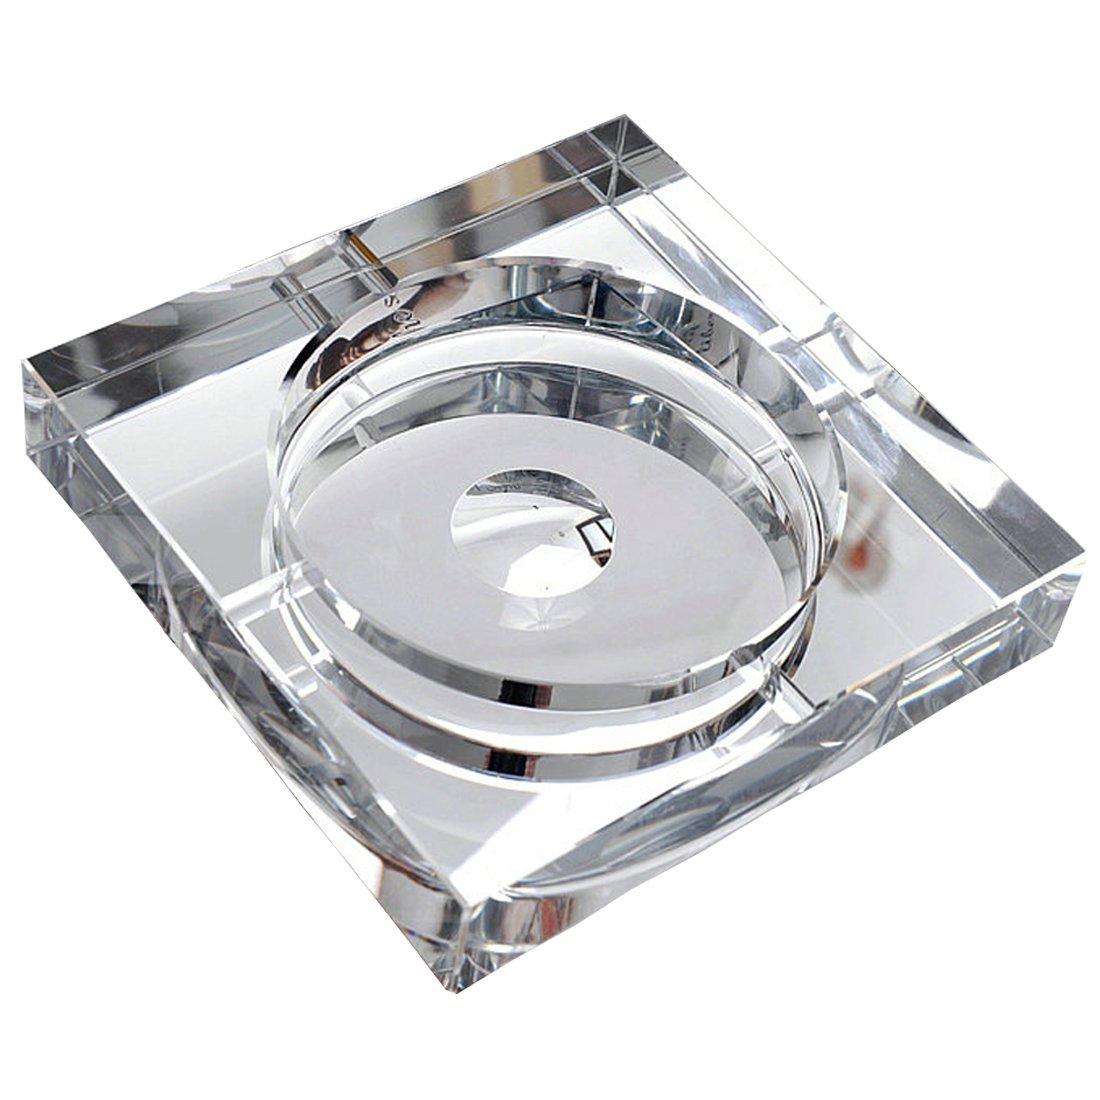 OSONA スクエア 高級 卓上灰皿 Ashtray 灰皿 おしゃれ アッシュトレイ オシャレ 屋外 置物 インテリア クリスタル ガラス シルバー 20cm B01HCZ7814 20cm|シルバー シルバー 20cm